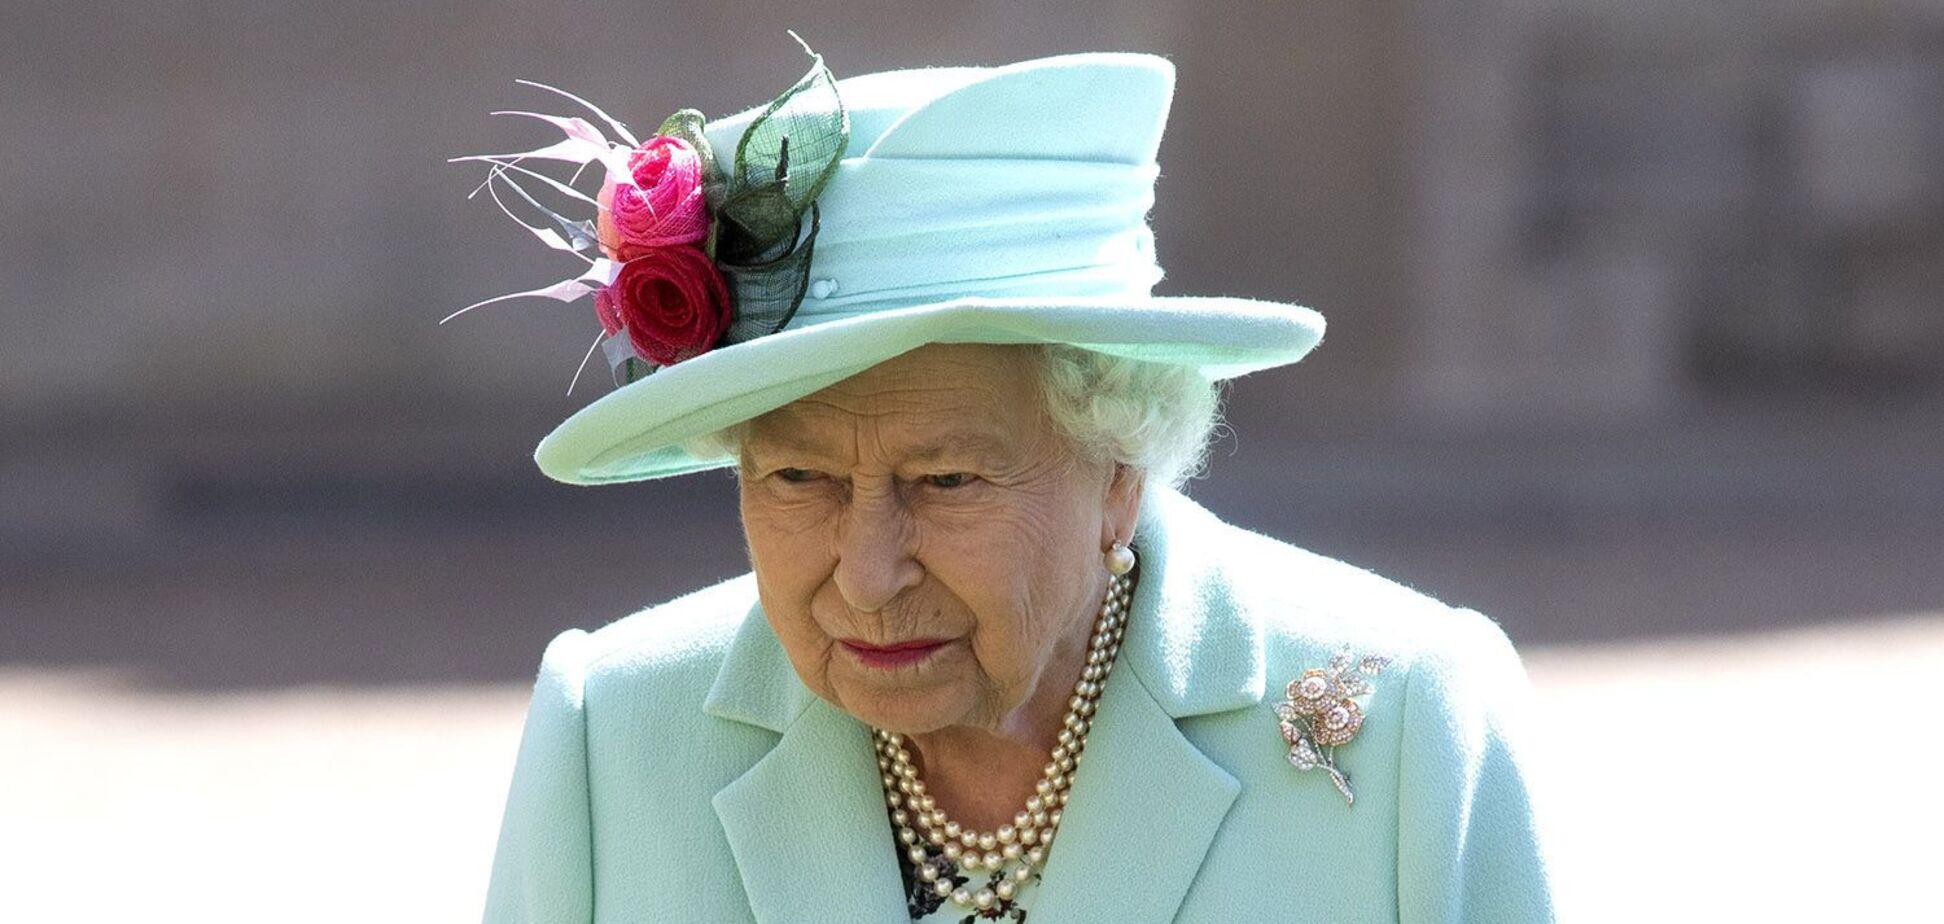 КоролеваВеликобритании ЕлизаветаII